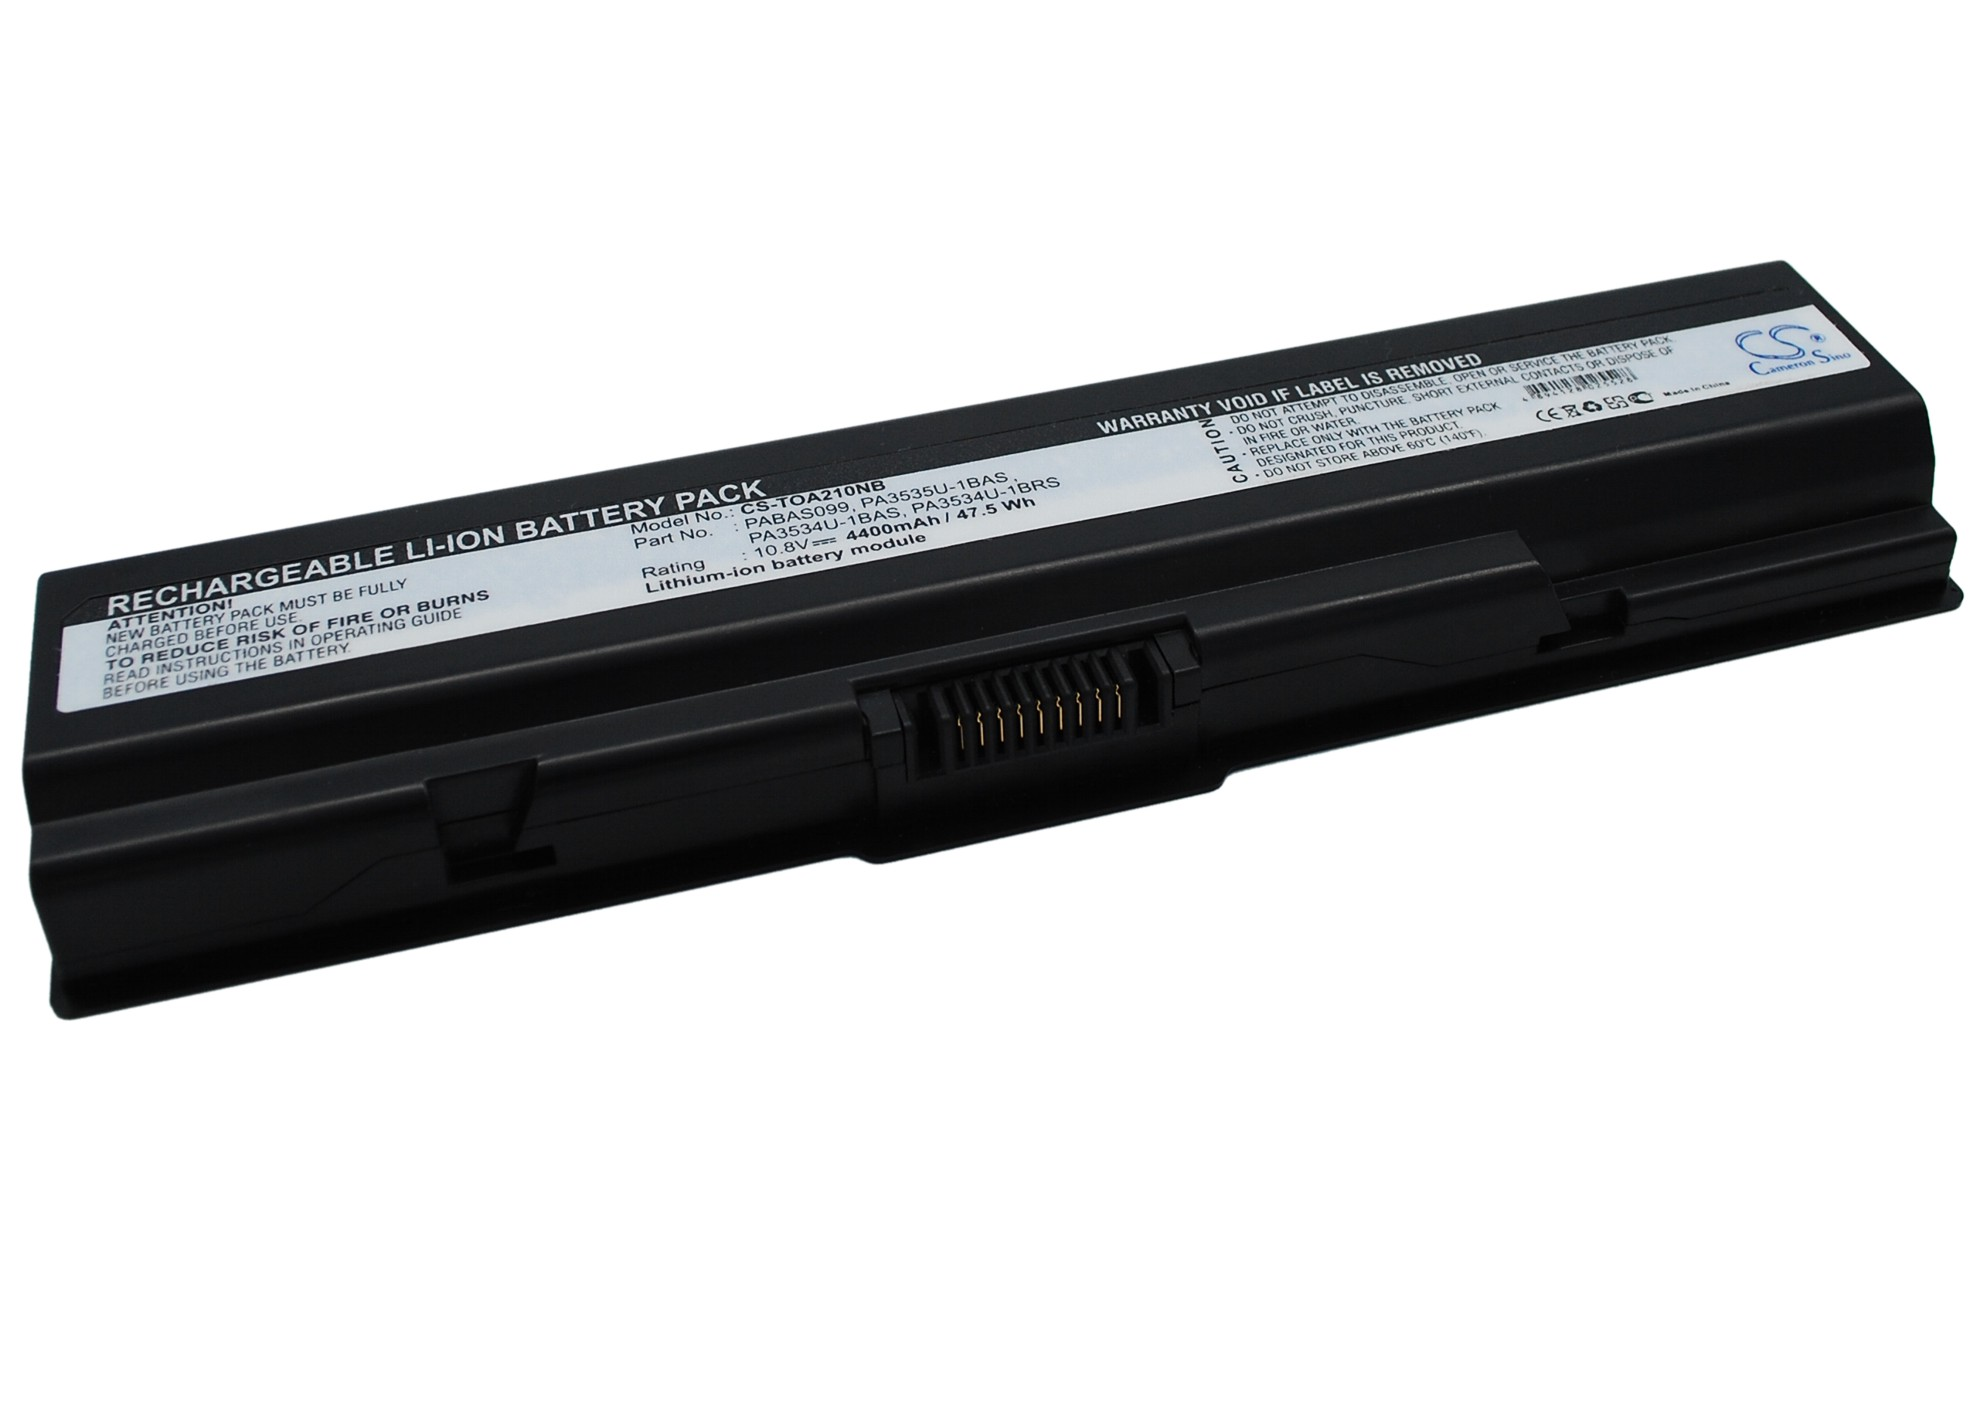 Cameron Sino baterie do notebooků pro TOSHIBA Satellite L505-GS5038 10.8V Li-ion 4400mAh černá - neoriginální